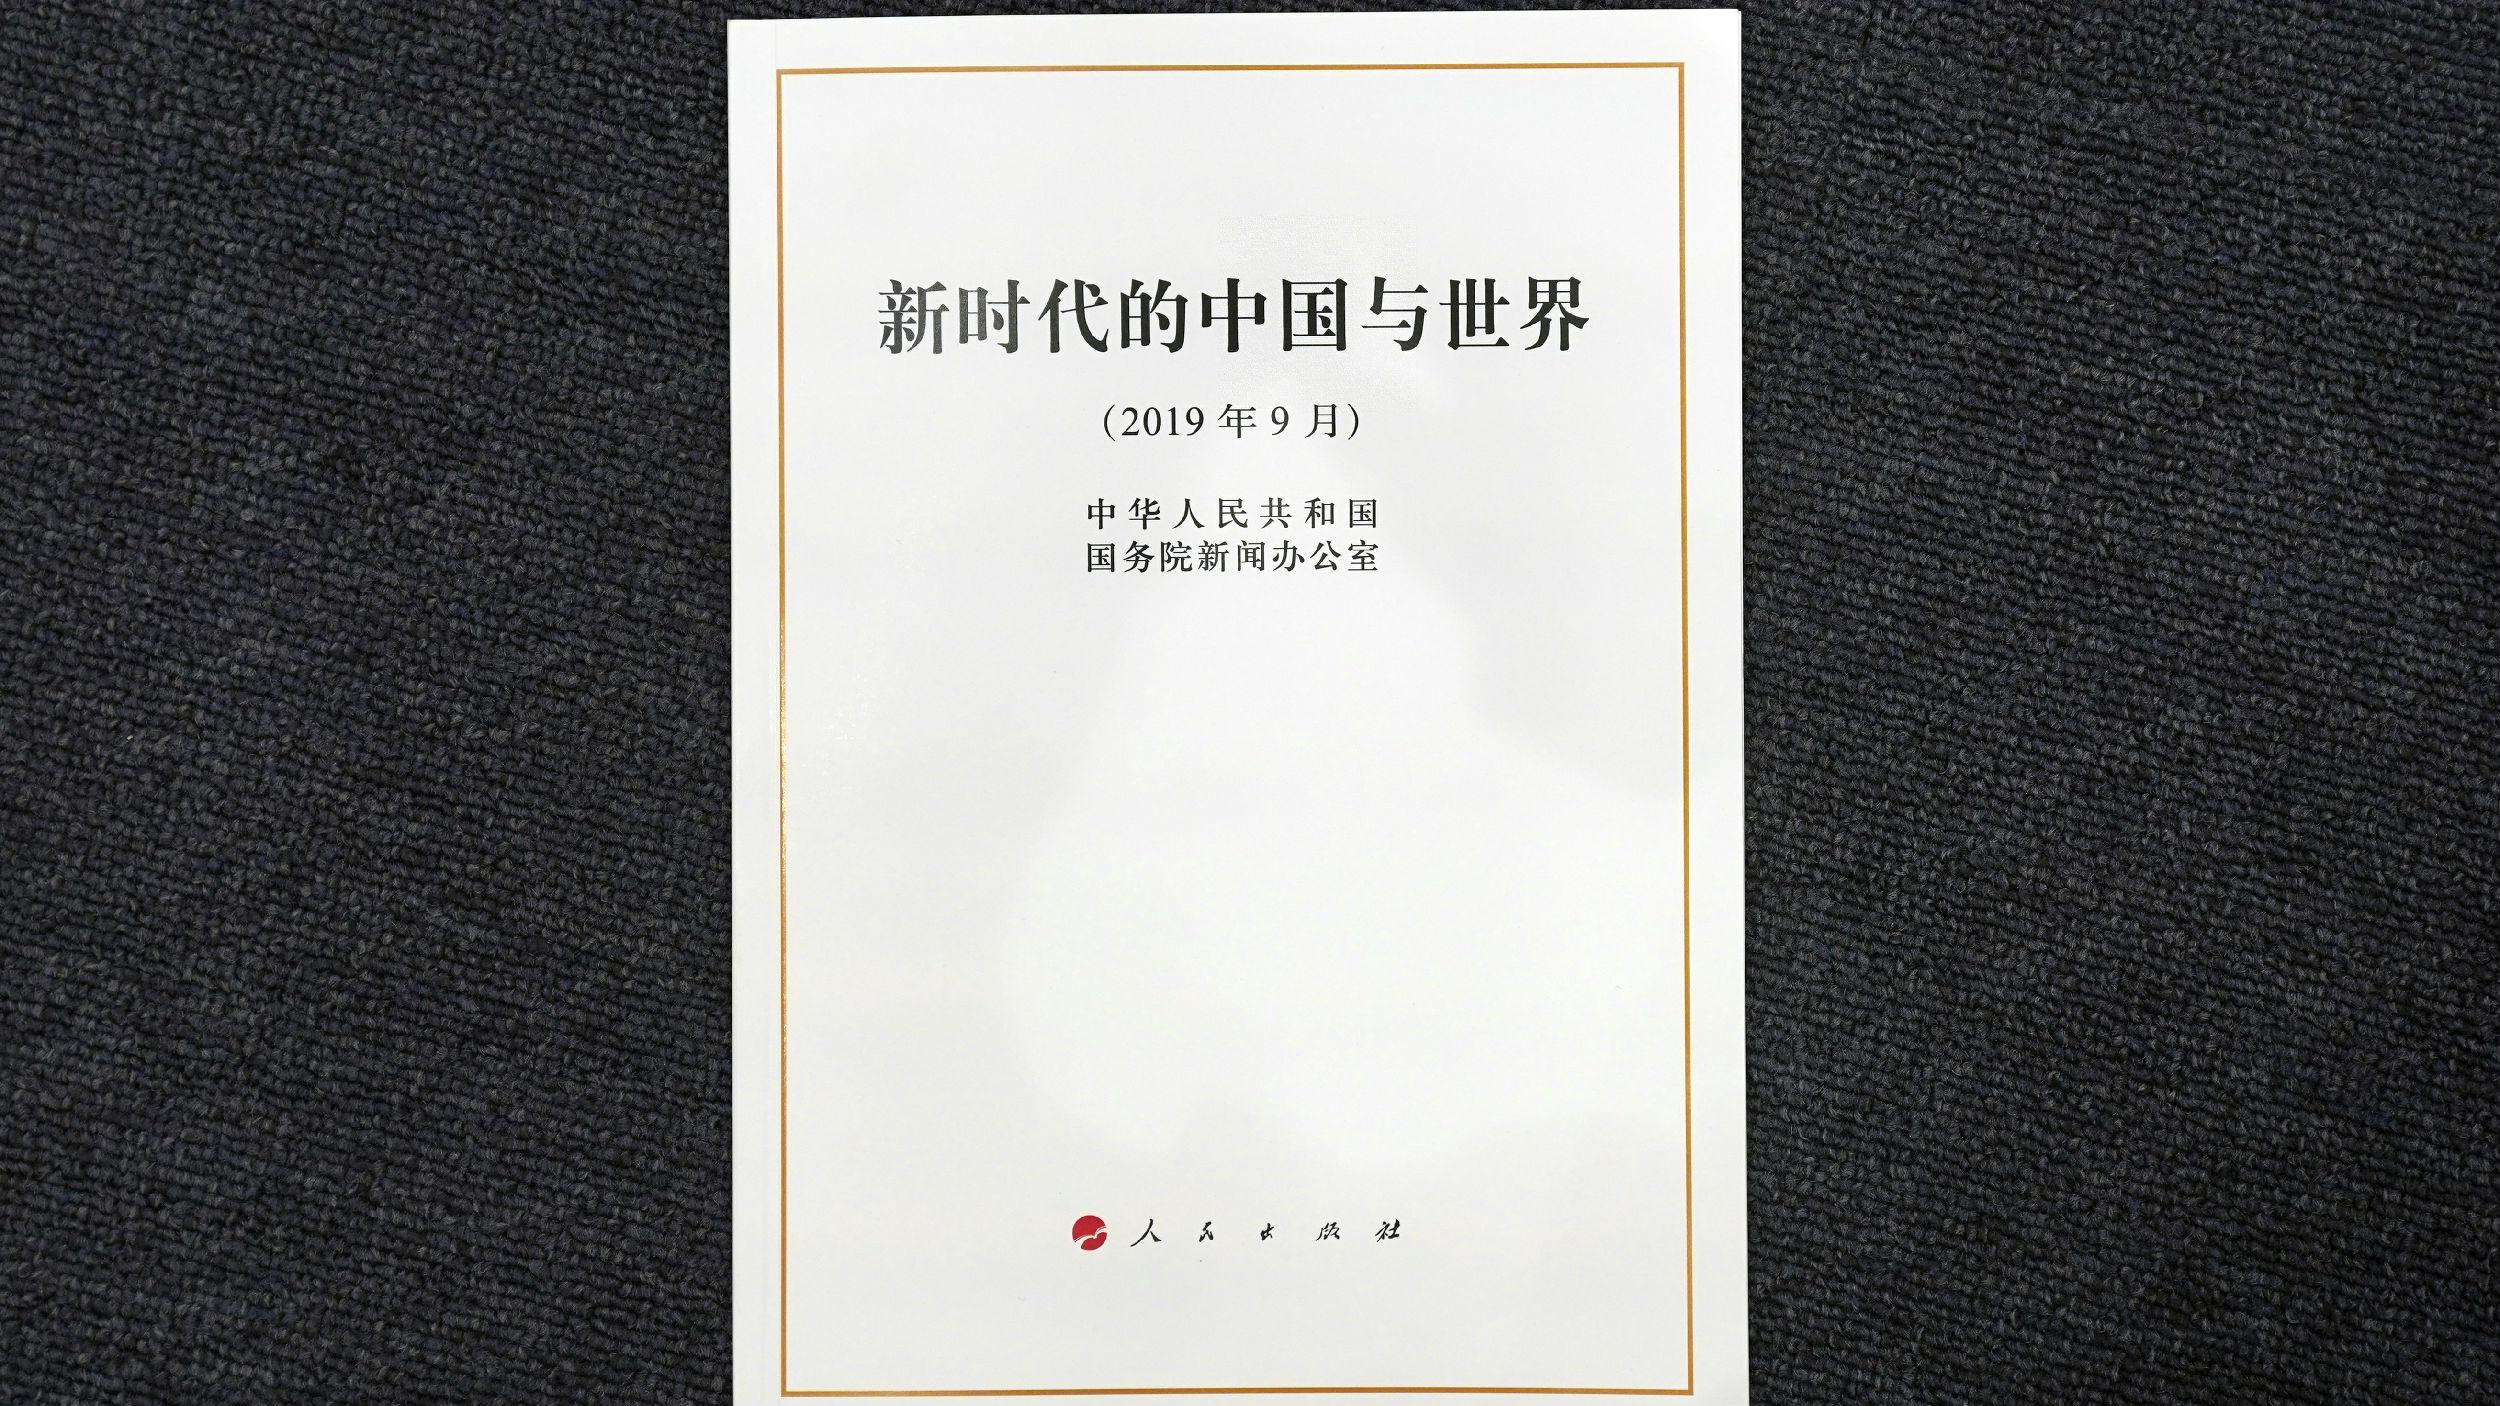 境外媒體:中國鄭重宣示新時代世界觀